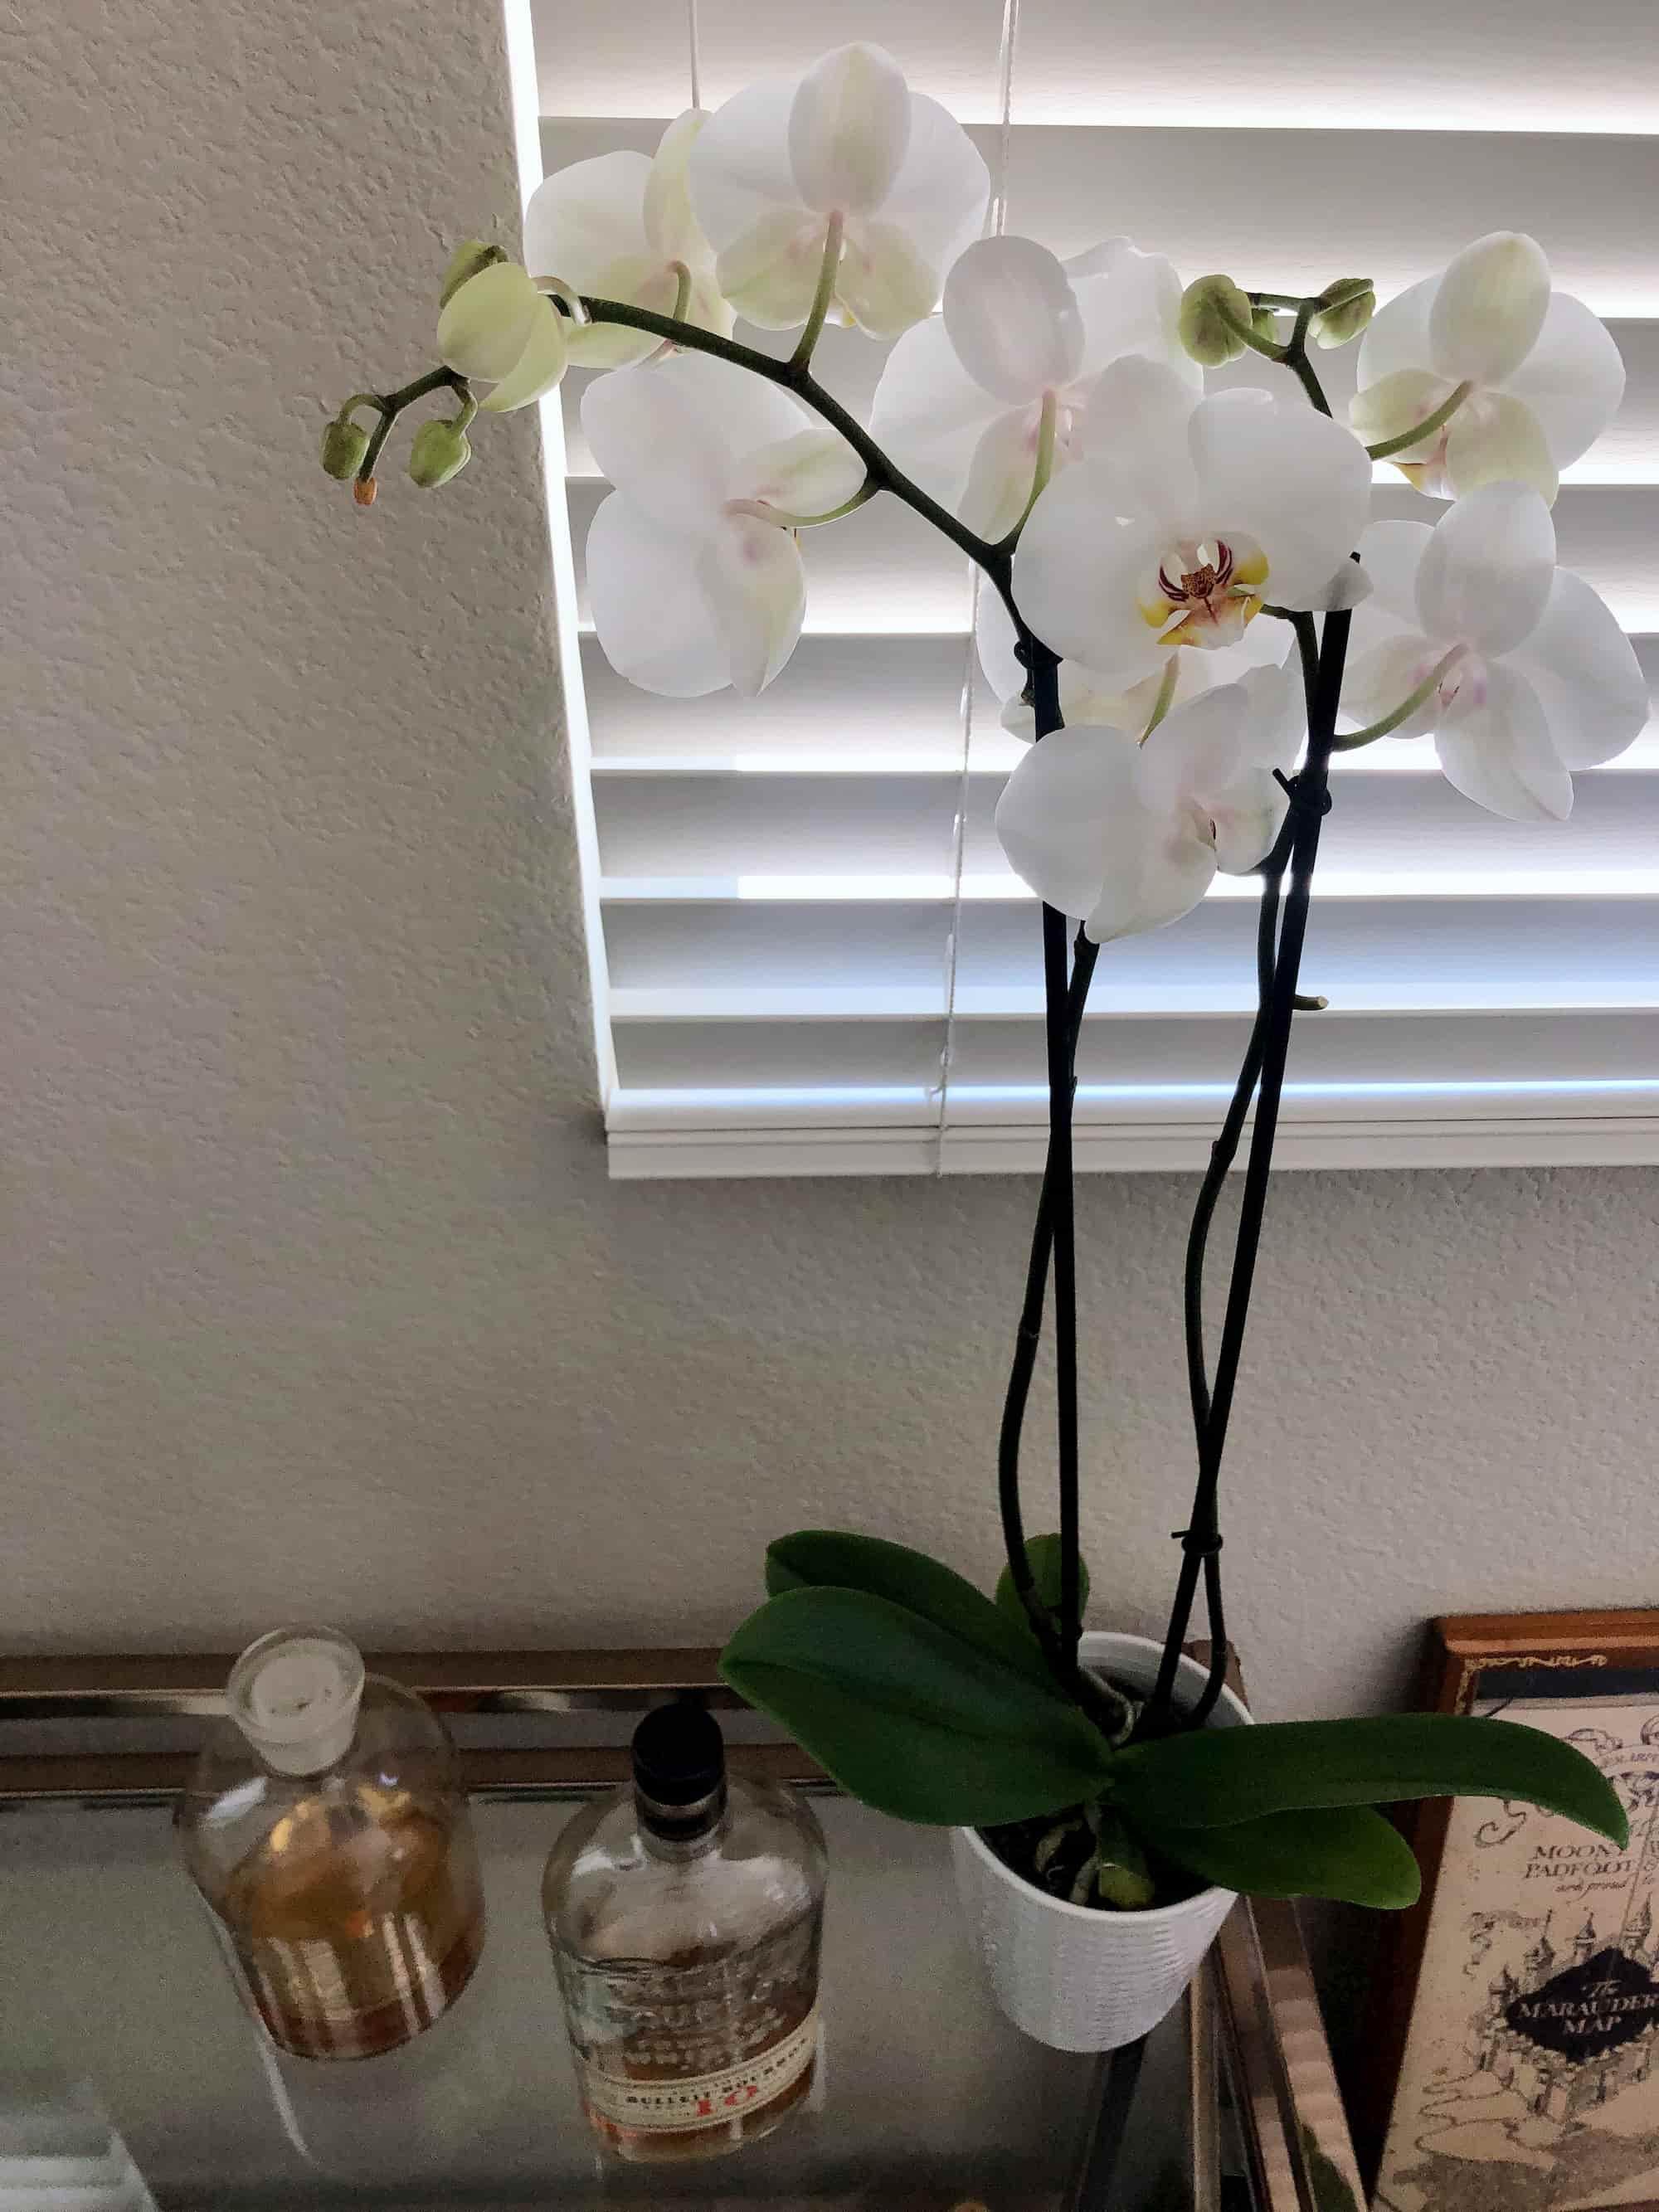 Graces plant